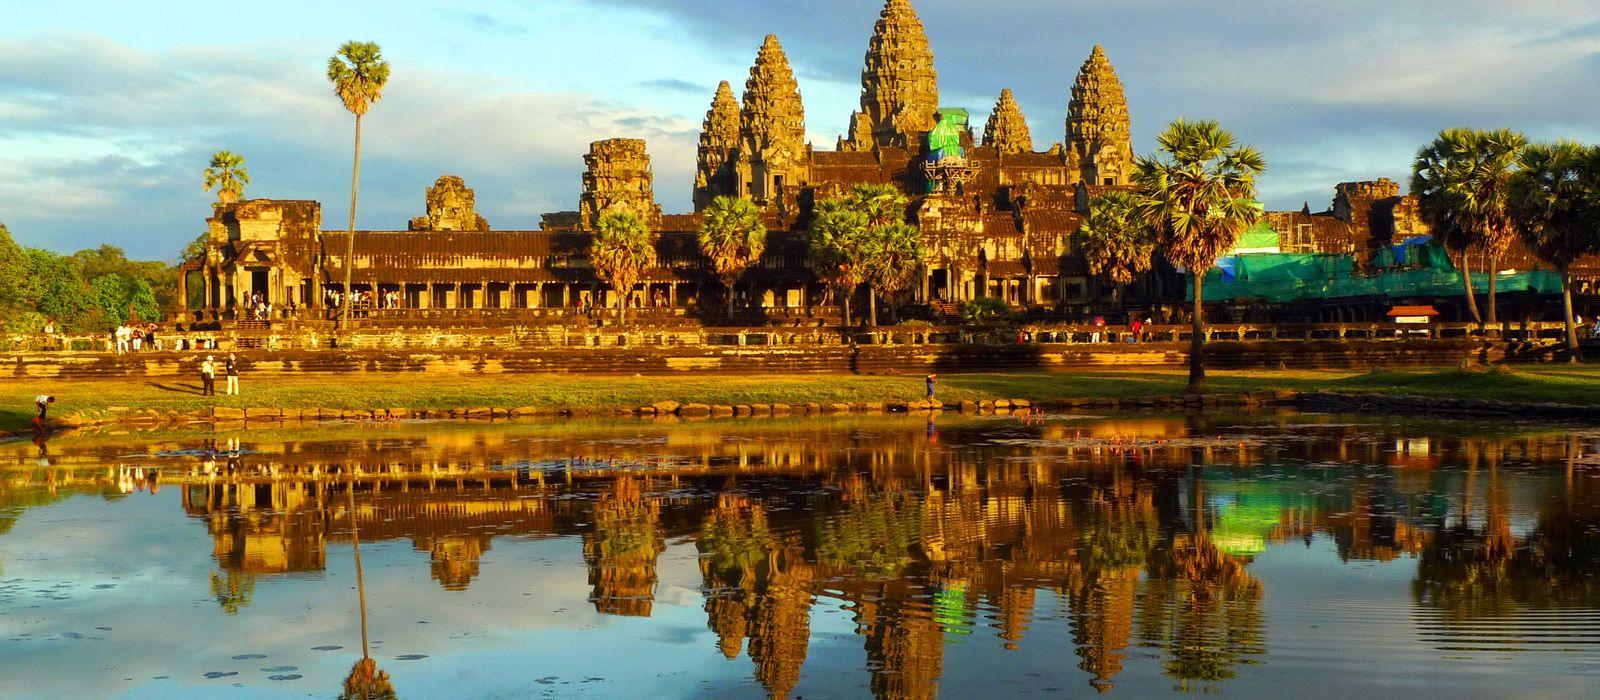 Vietnam und Kambodscha: Mekong und Phnom Penh entdecken Urlaub 5